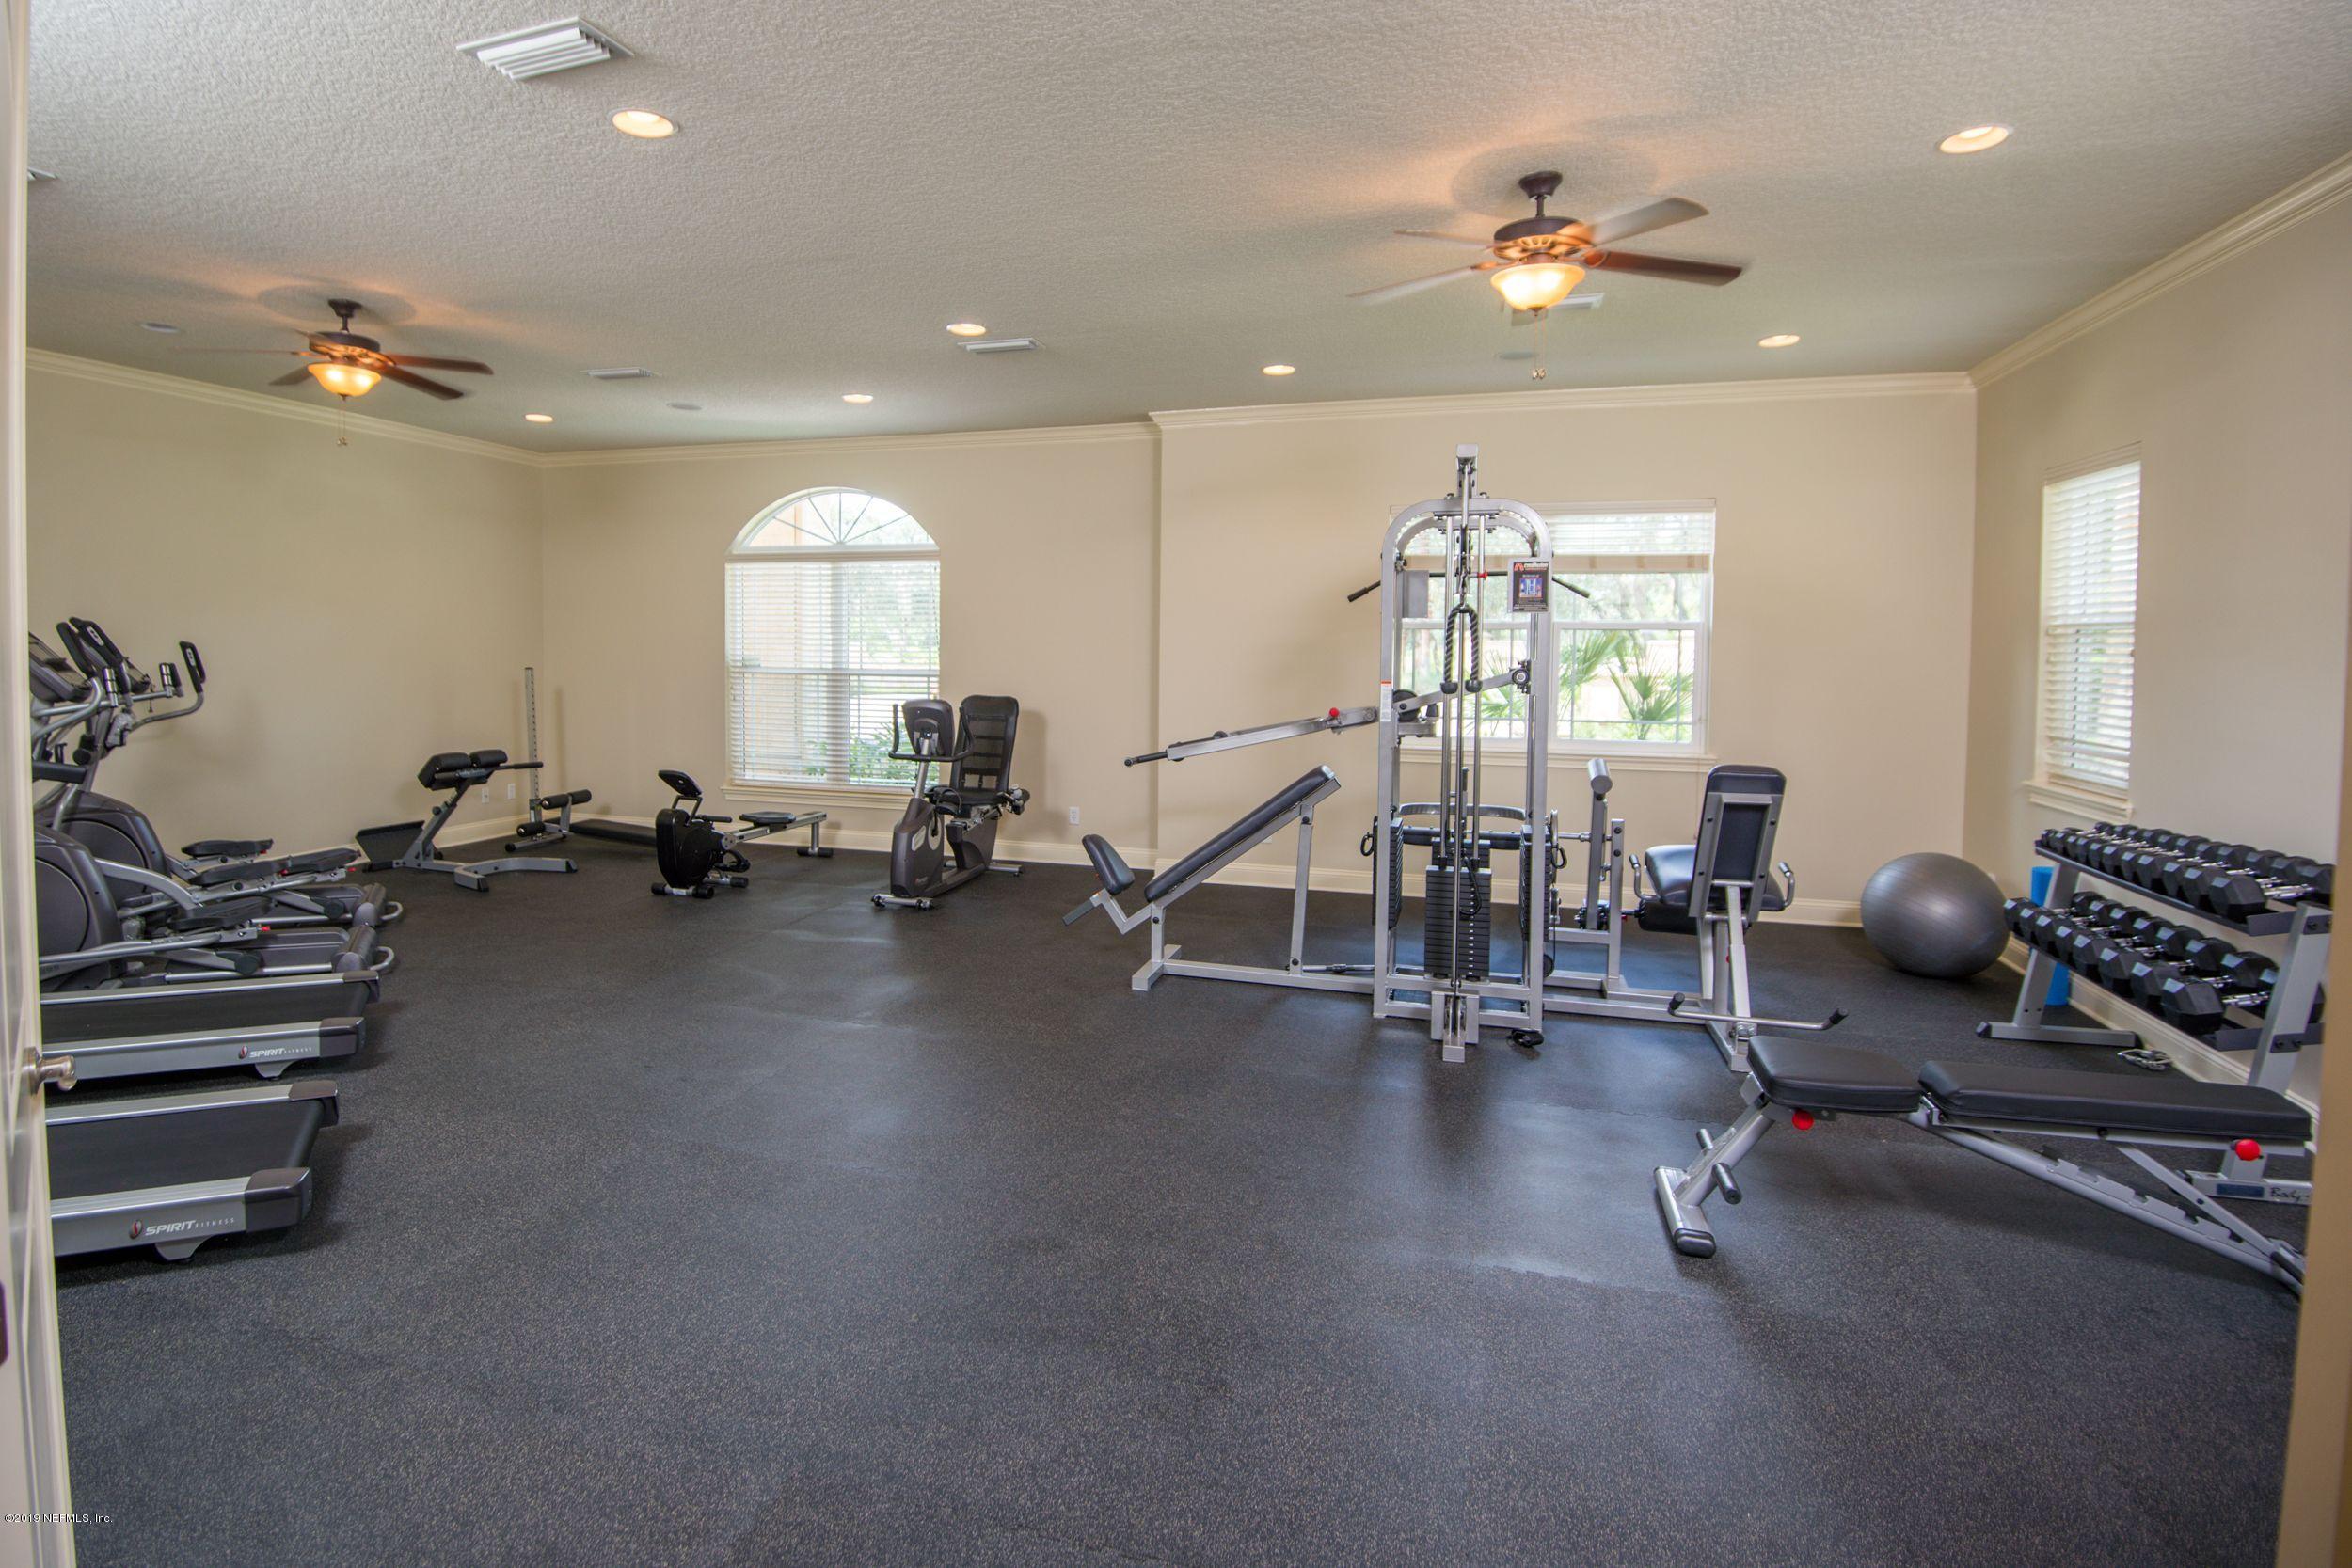 42 ALAFIA, ST AUGUSTINE, FLORIDA 32084, 2 Bedrooms Bedrooms, ,2 BathroomsBathrooms,Condo,For sale,ALAFIA,982100